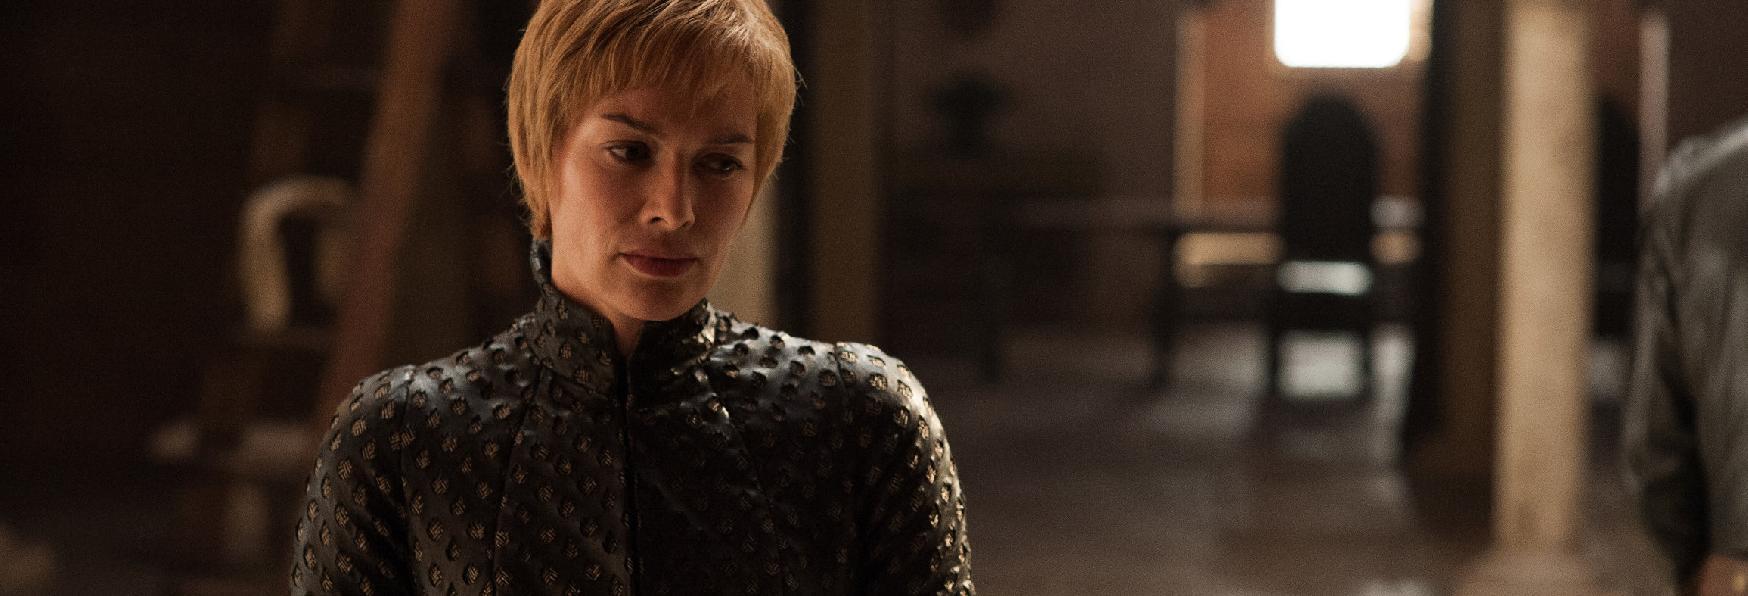 Game of Thrones 8: Lena Headey (Cersei) nutriva Perplessità su una scena del Primo Episodio